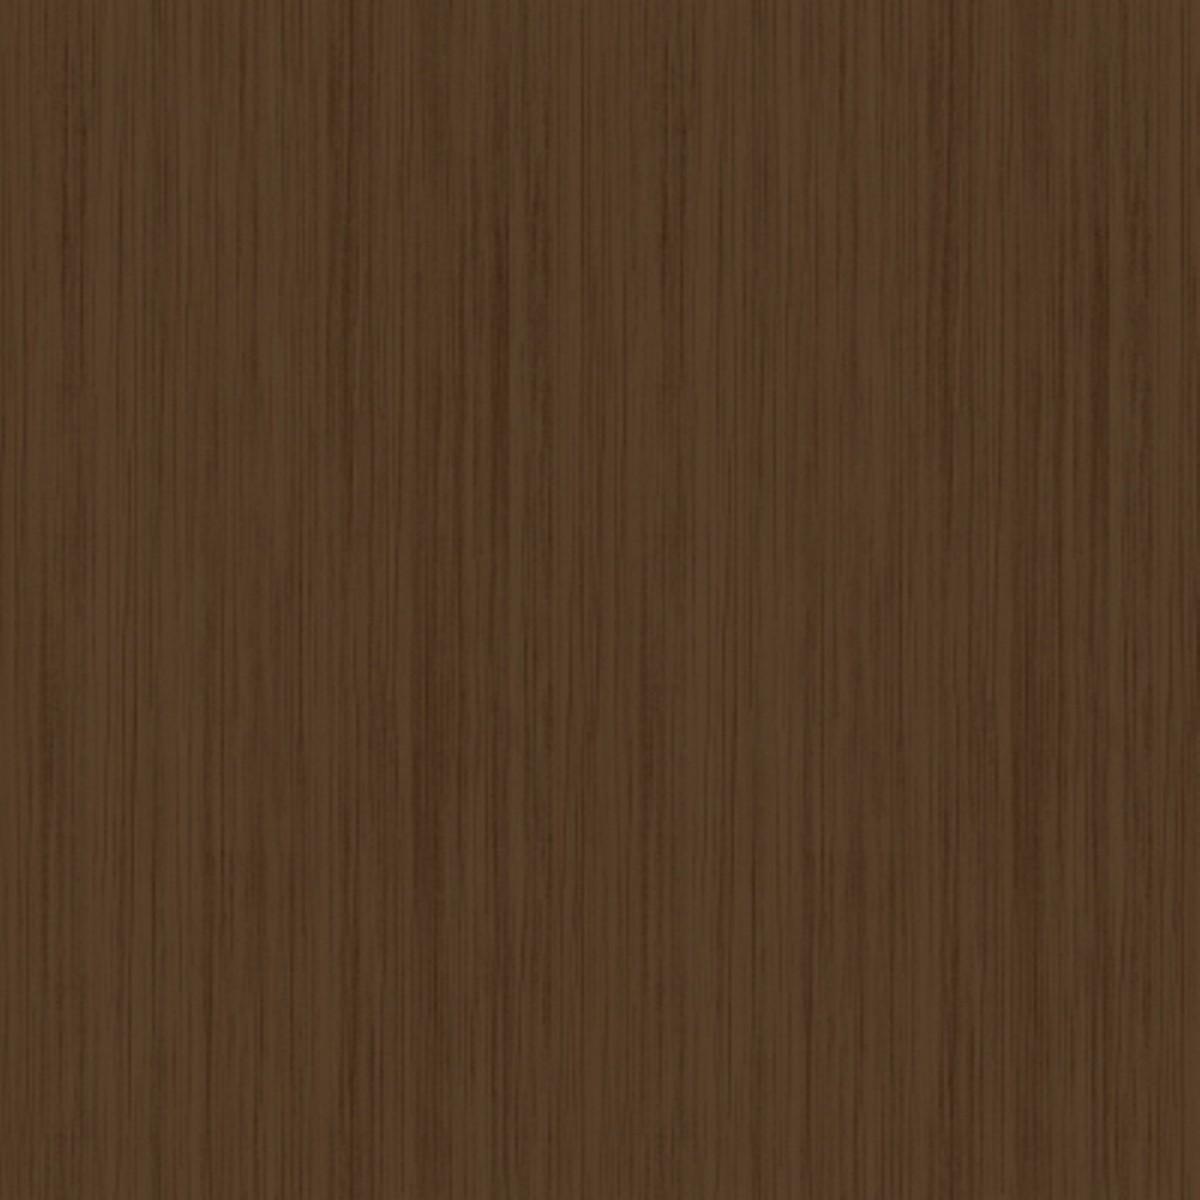 Обои флизелиновые Aura Shadows коричневые 0.53 м 345408